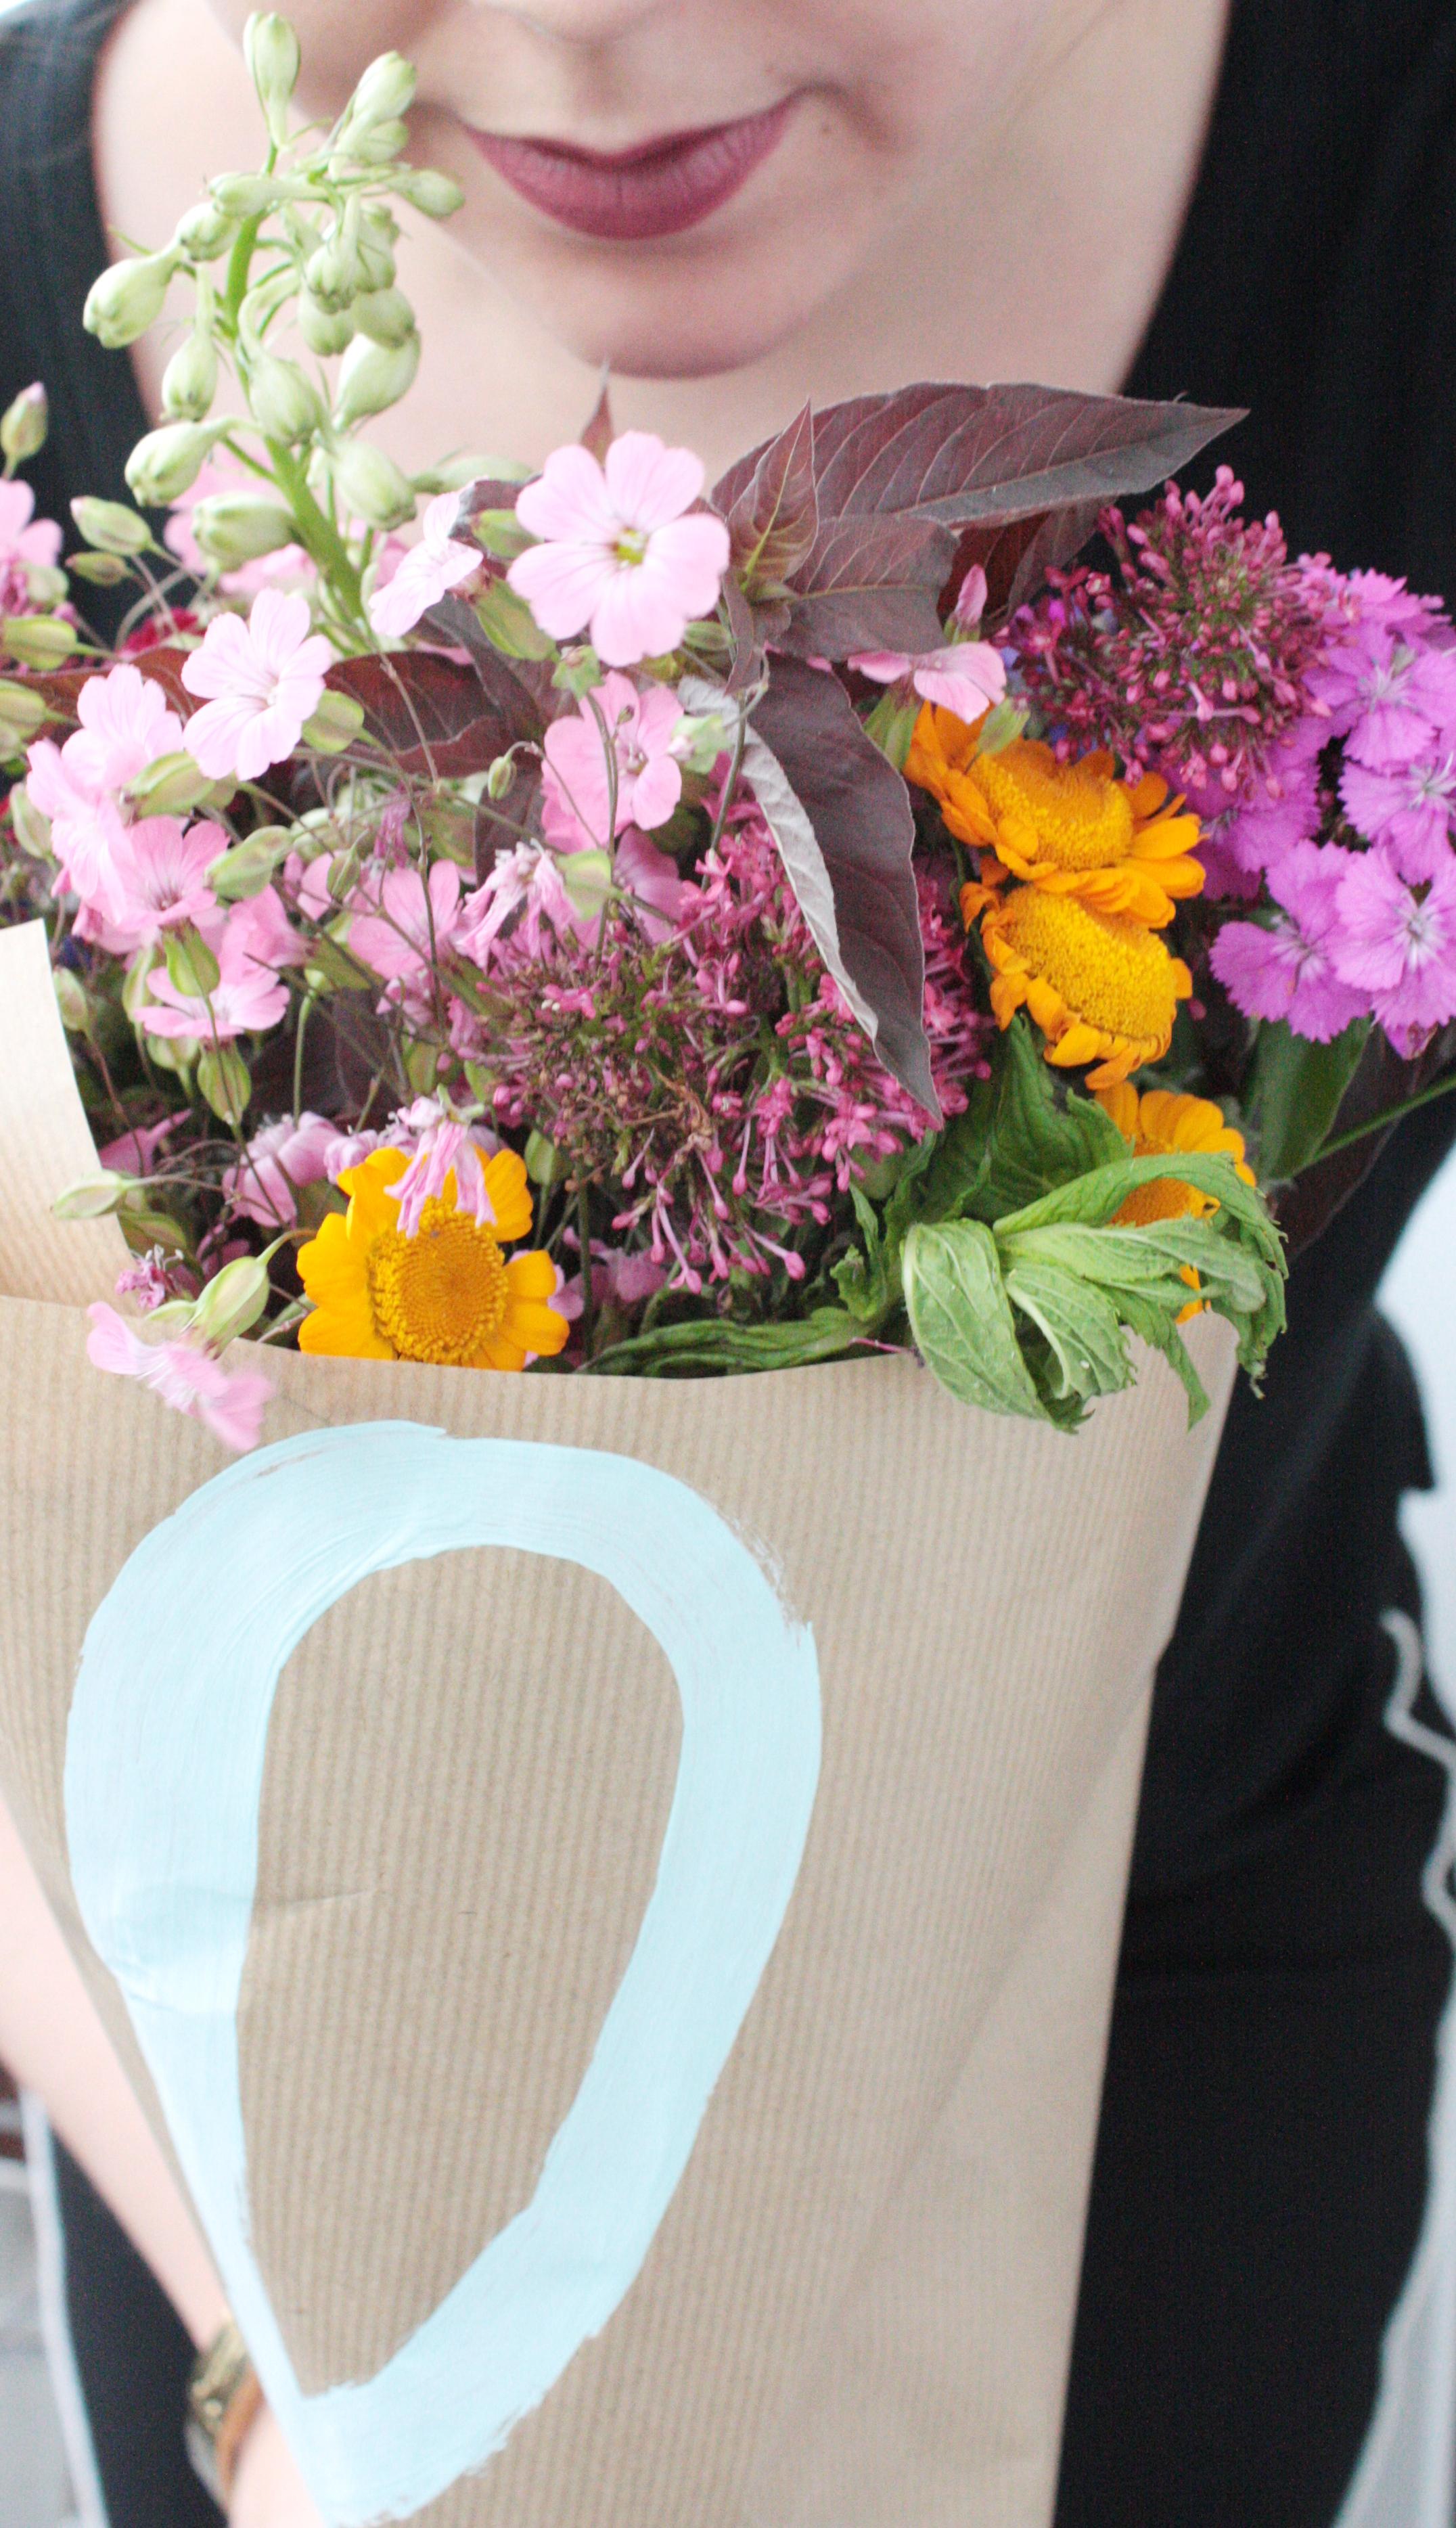 Blumen verpacken zum verschenken 7